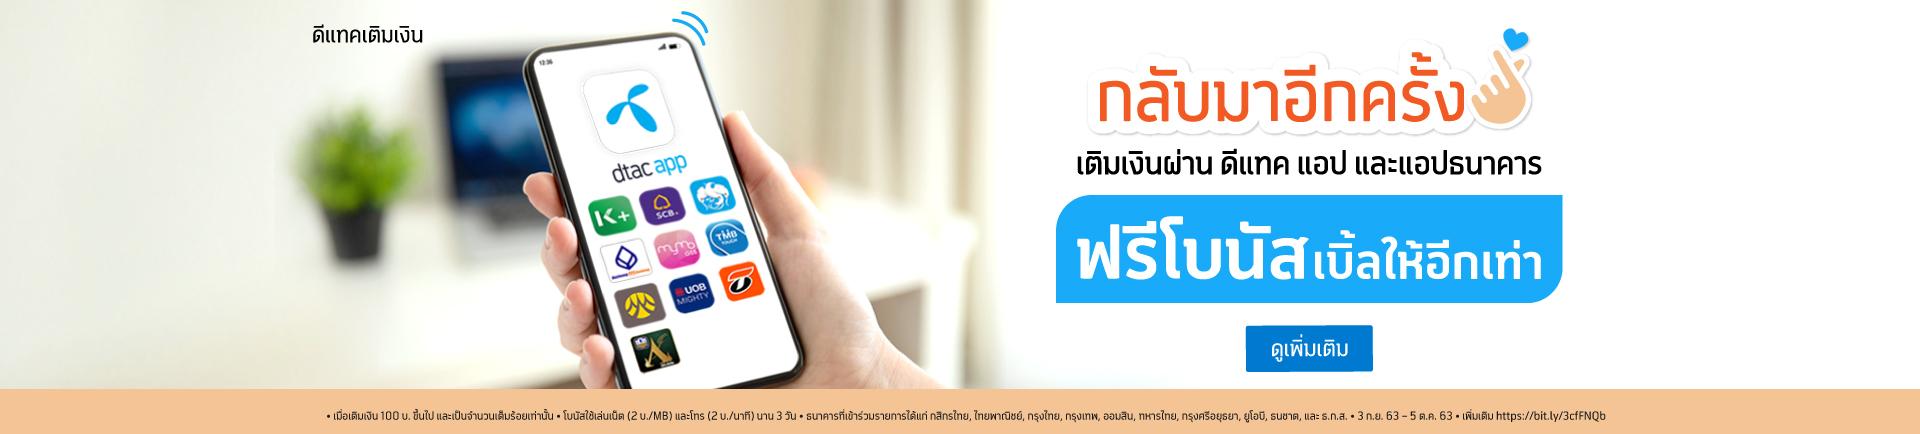 Pay via dtac App